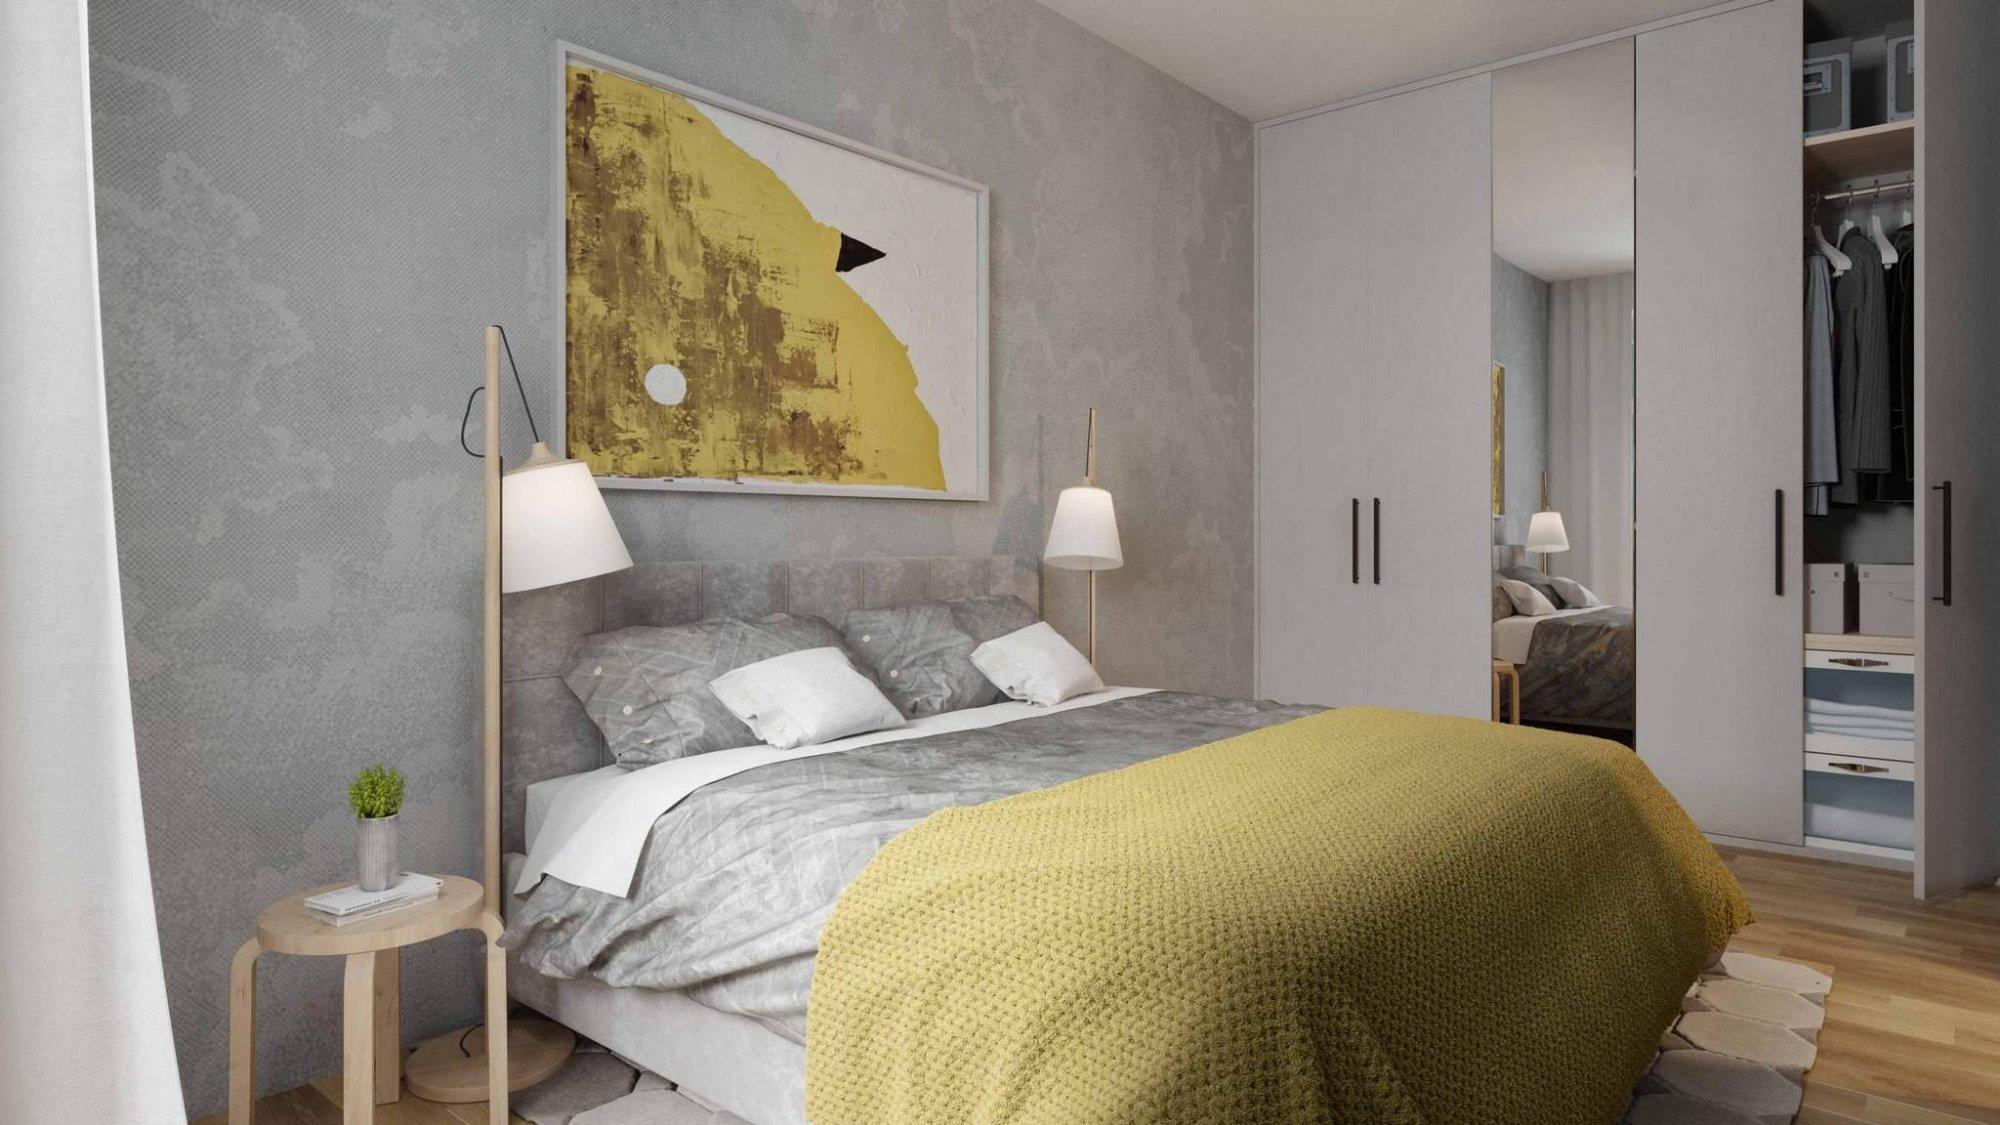 Vizulizace jednoho z bytů - Půdní byt 1+kk, plocha 30 m², ulice Lindnerova, Praha 8 - Libeň | 2